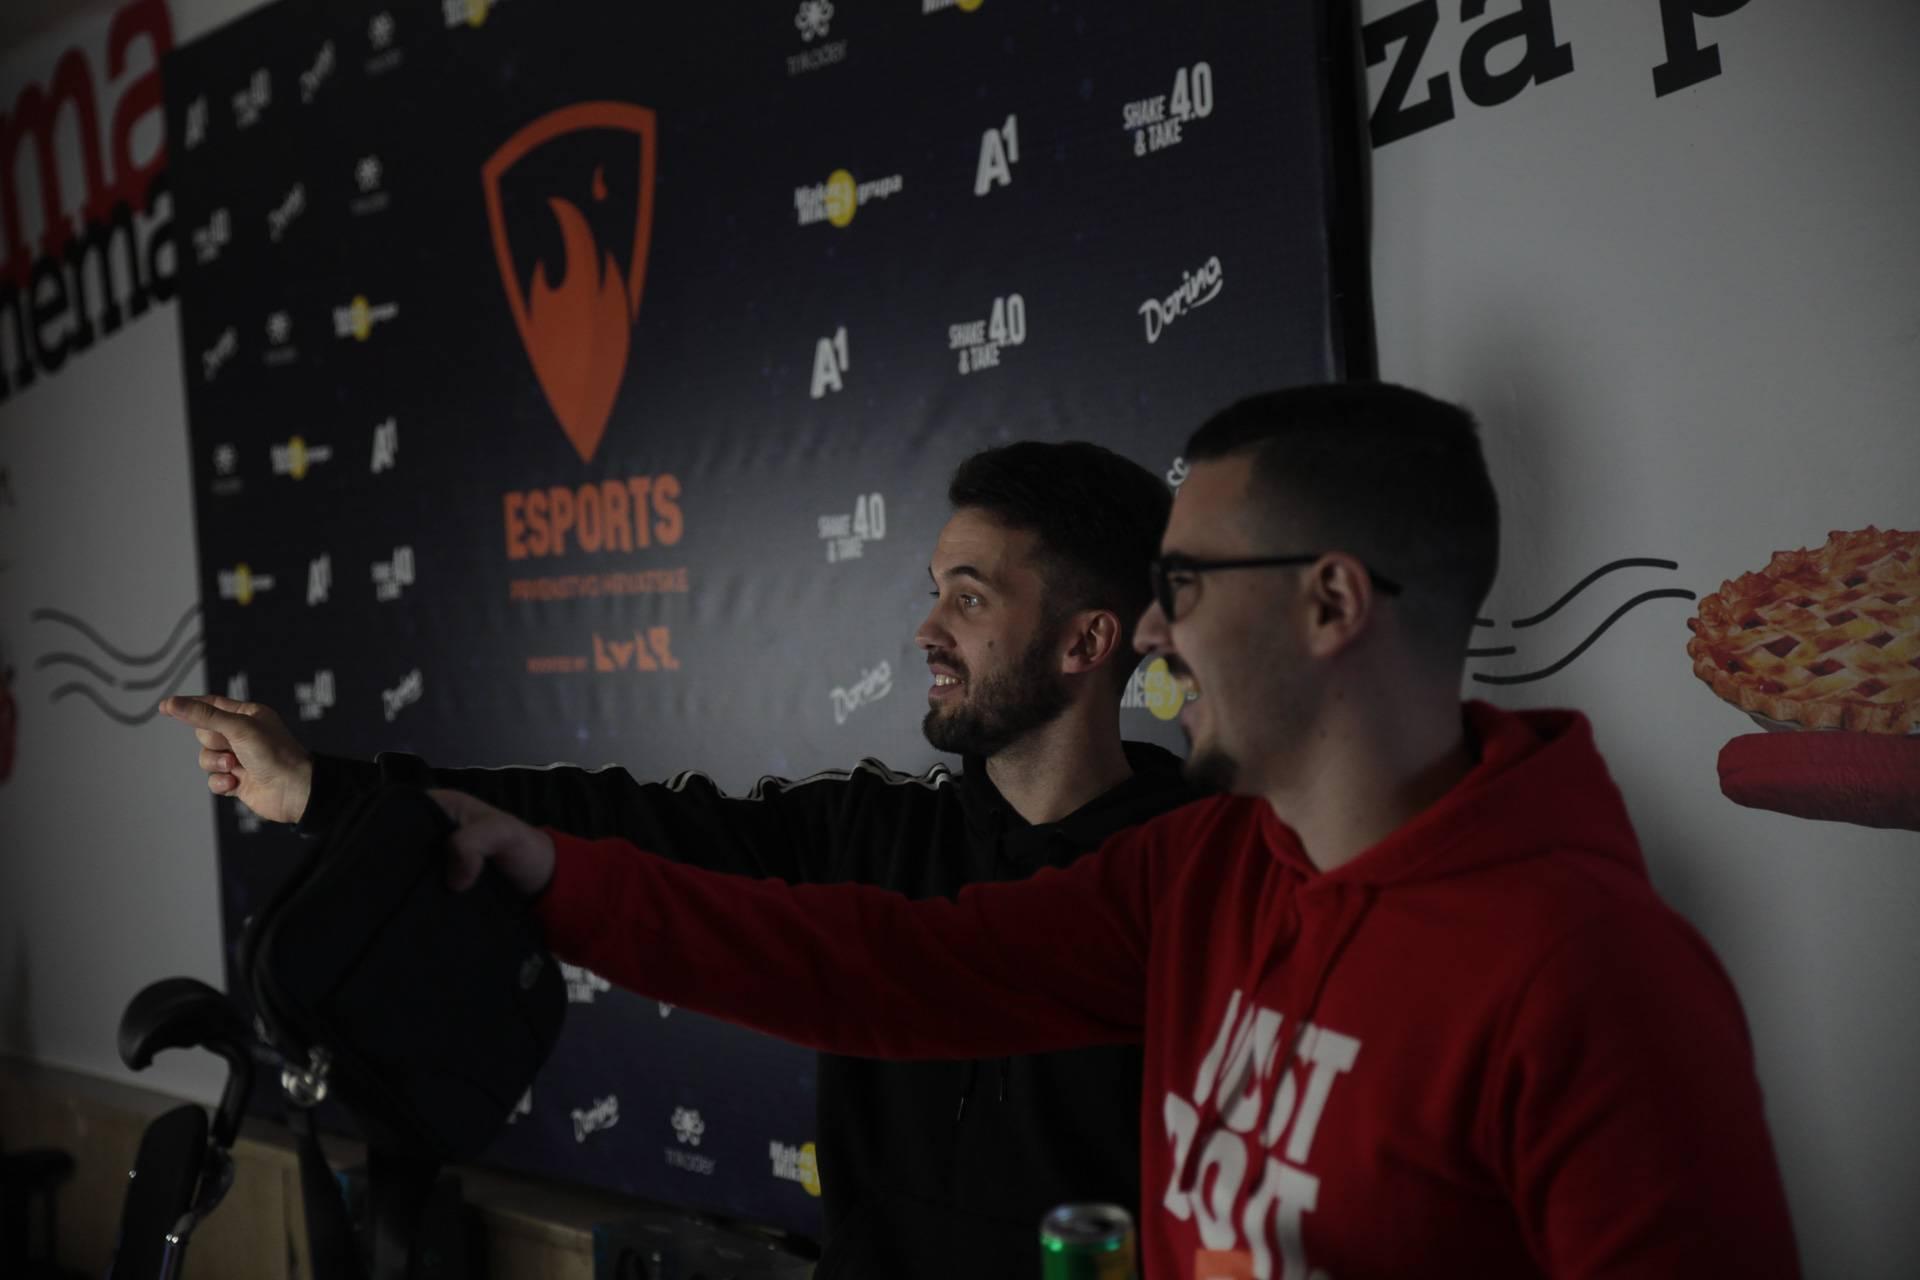 Uživo iz Zagreba: Završnica Esports prvenstva Hrvatske